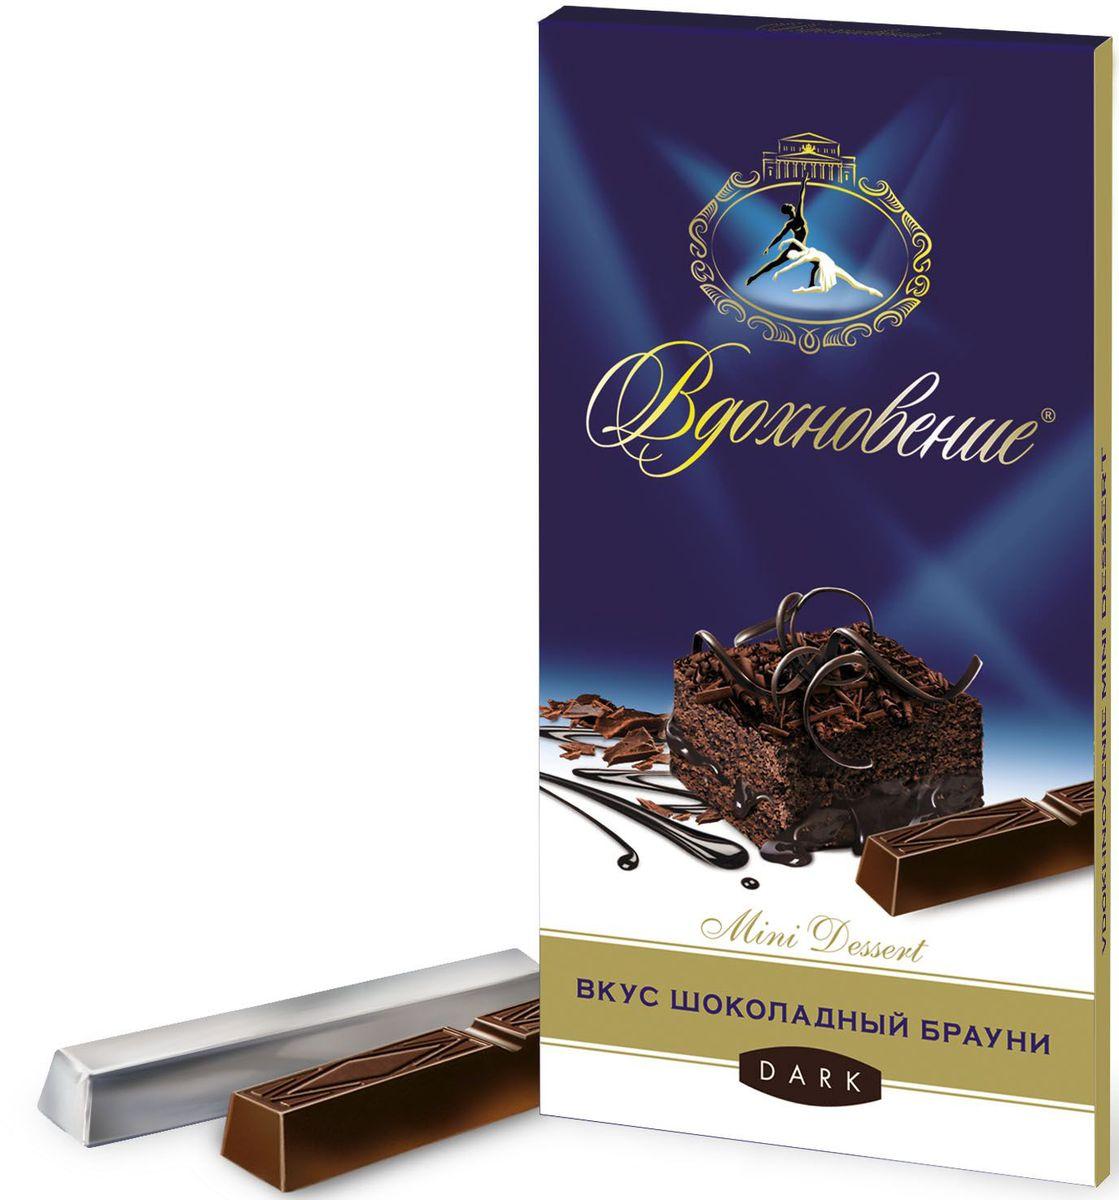 Бабаевский Вдохновение Mini Dessert вкус Шоколадный брауни темный шоколад, 100 гББ14091Гордость бренда Бабаевский - высококачественный темный шоколад, созданный с использованием отборных какао бобов и какао масла.